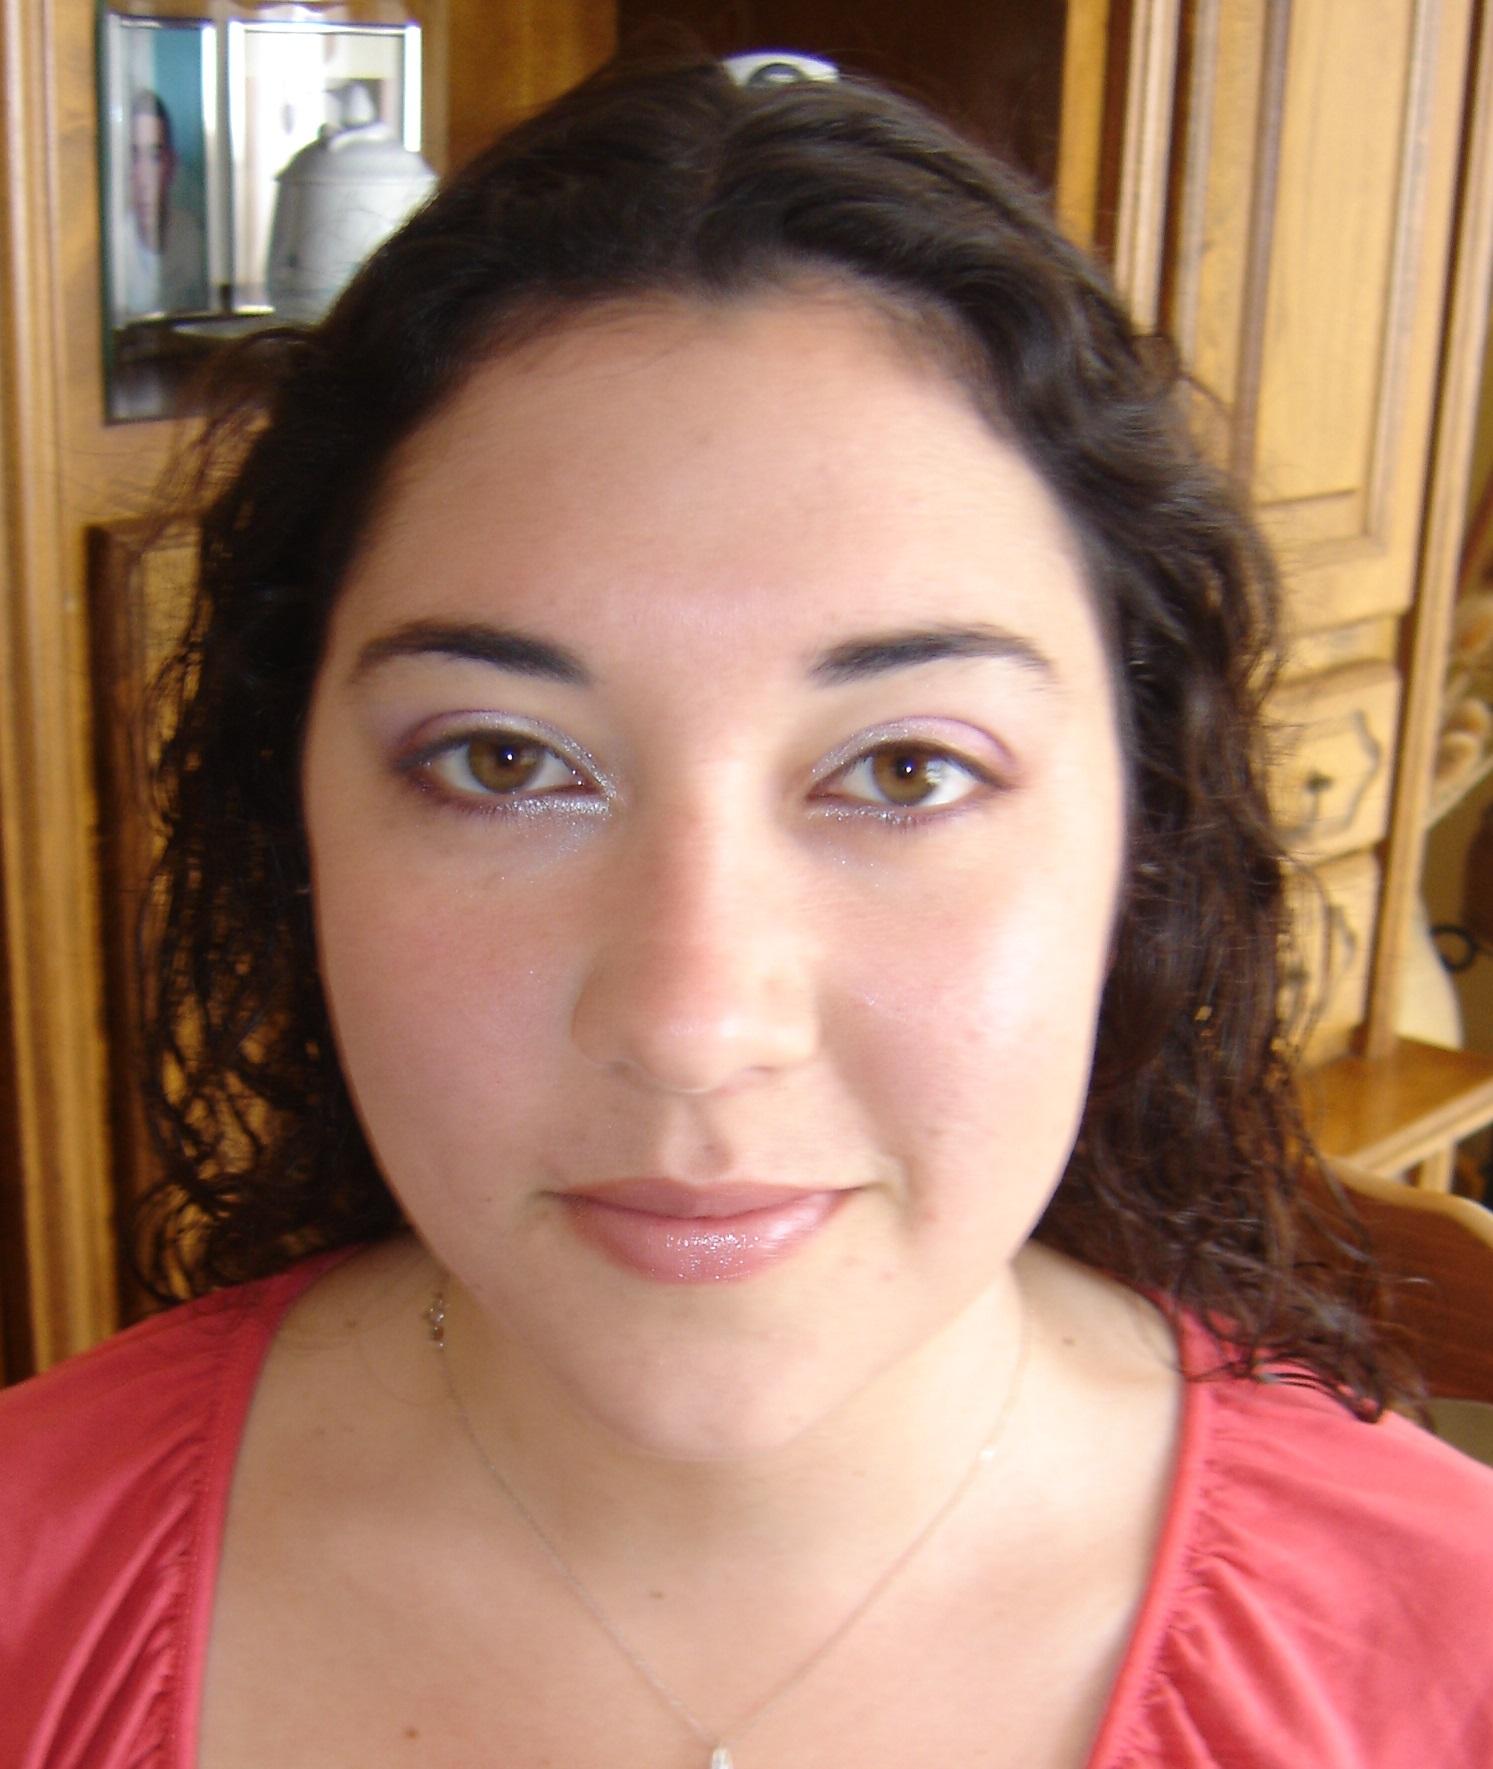 Maquillage mariée, esthéticienne à domicile Charente-Maritime 17 et 79. Soins corps, visage, kibido, suédois, drainage esthétique, massage esthétique, soins énergétiques (9)